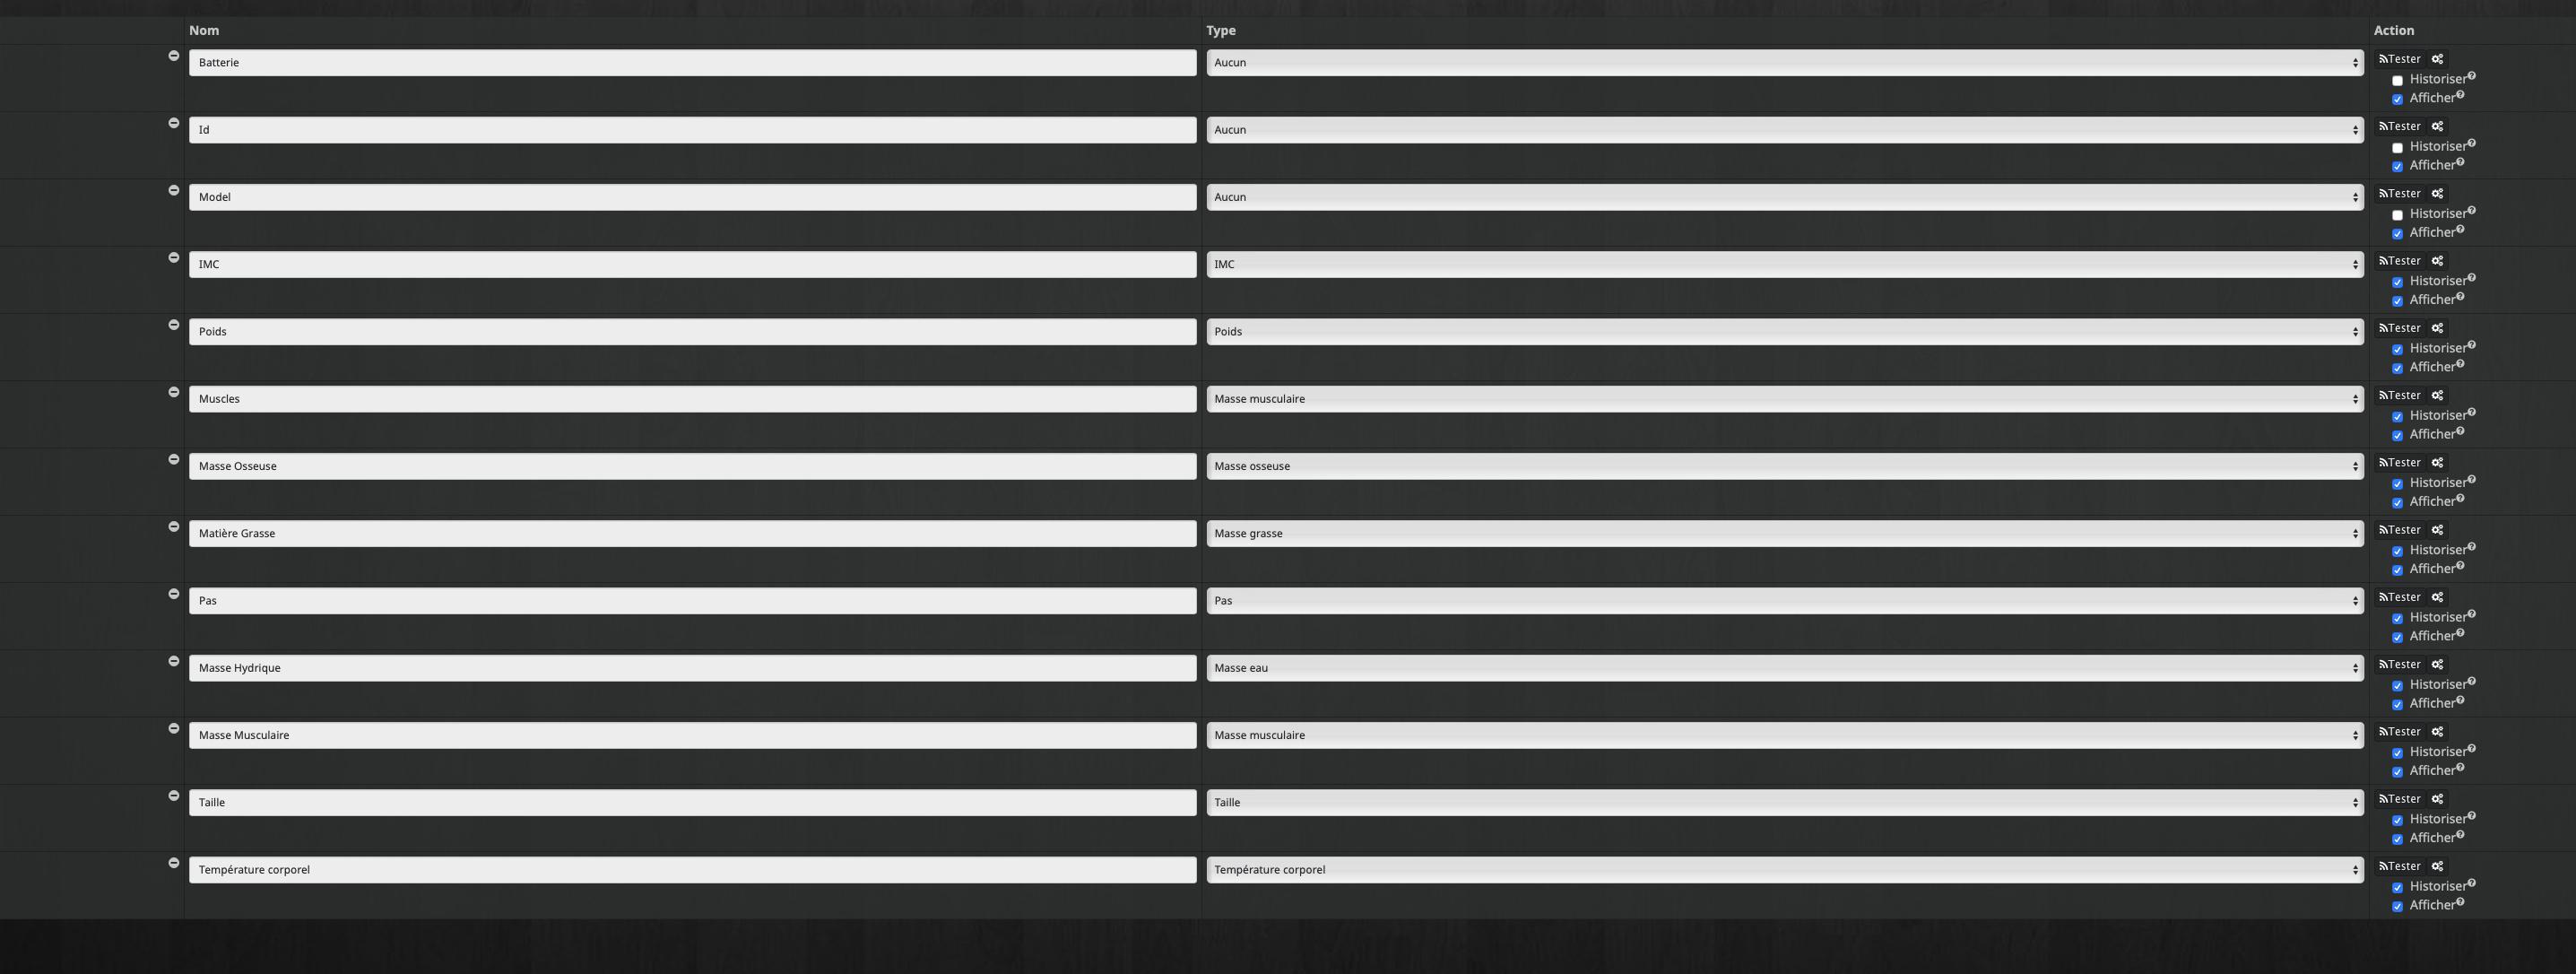 Capture d'écran 2020-08-19 à 09.48.54